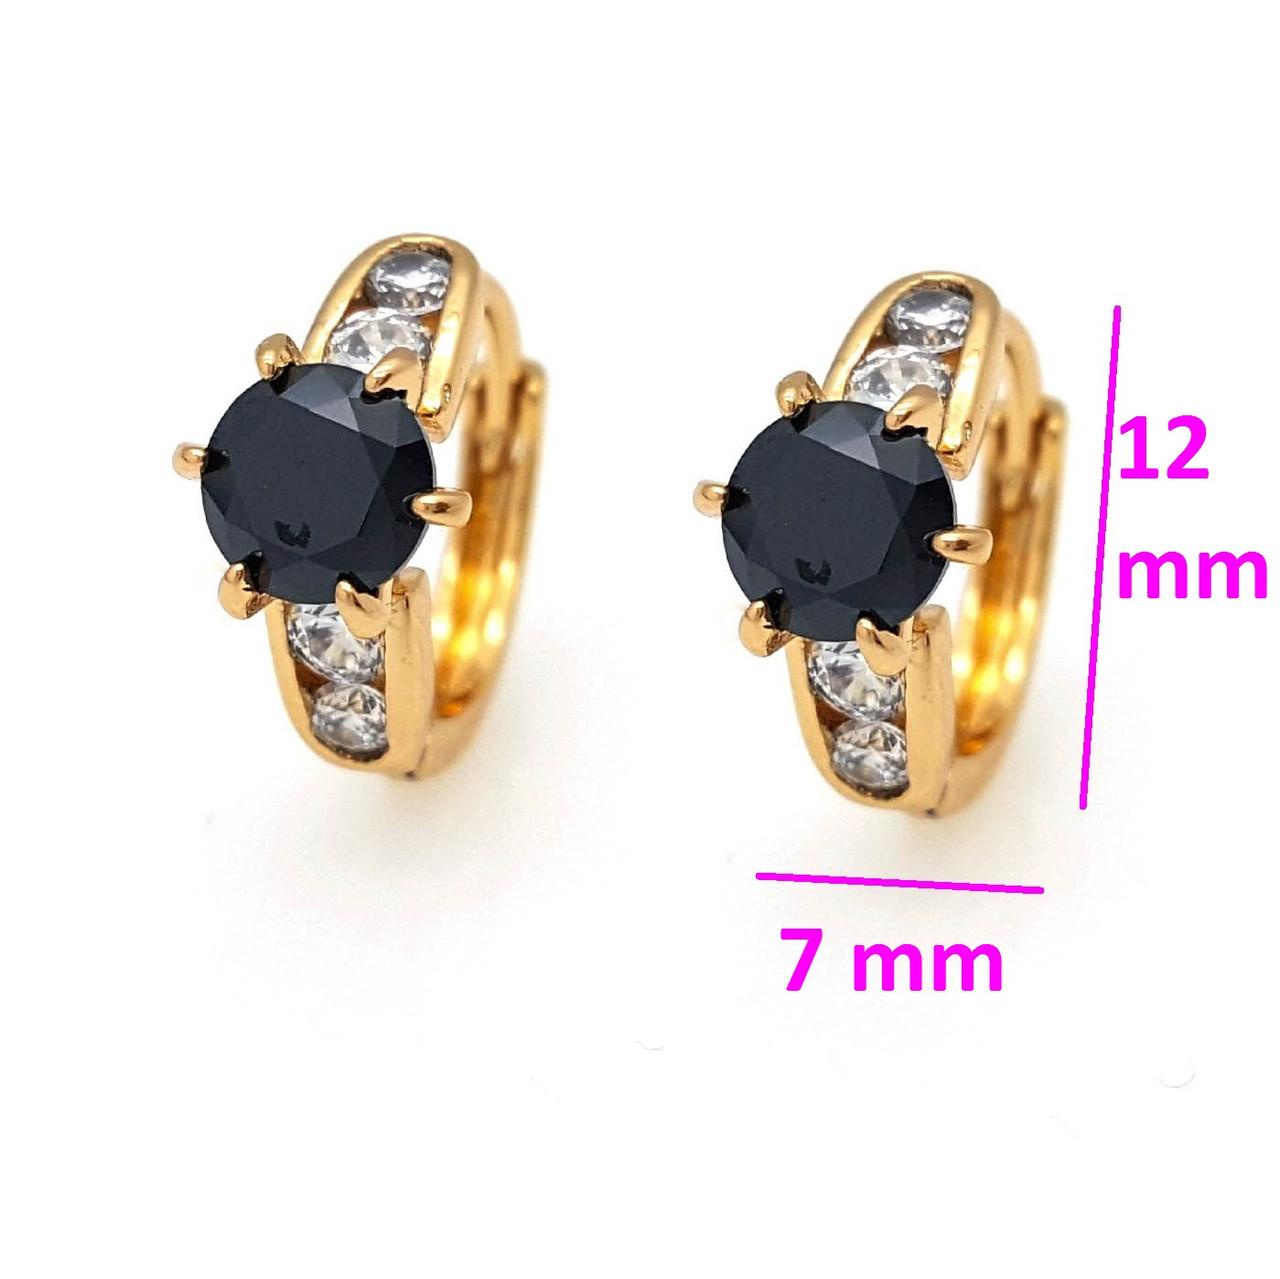 Сережки Колечка з чорним цирконієм, позолота Xuping, 18К